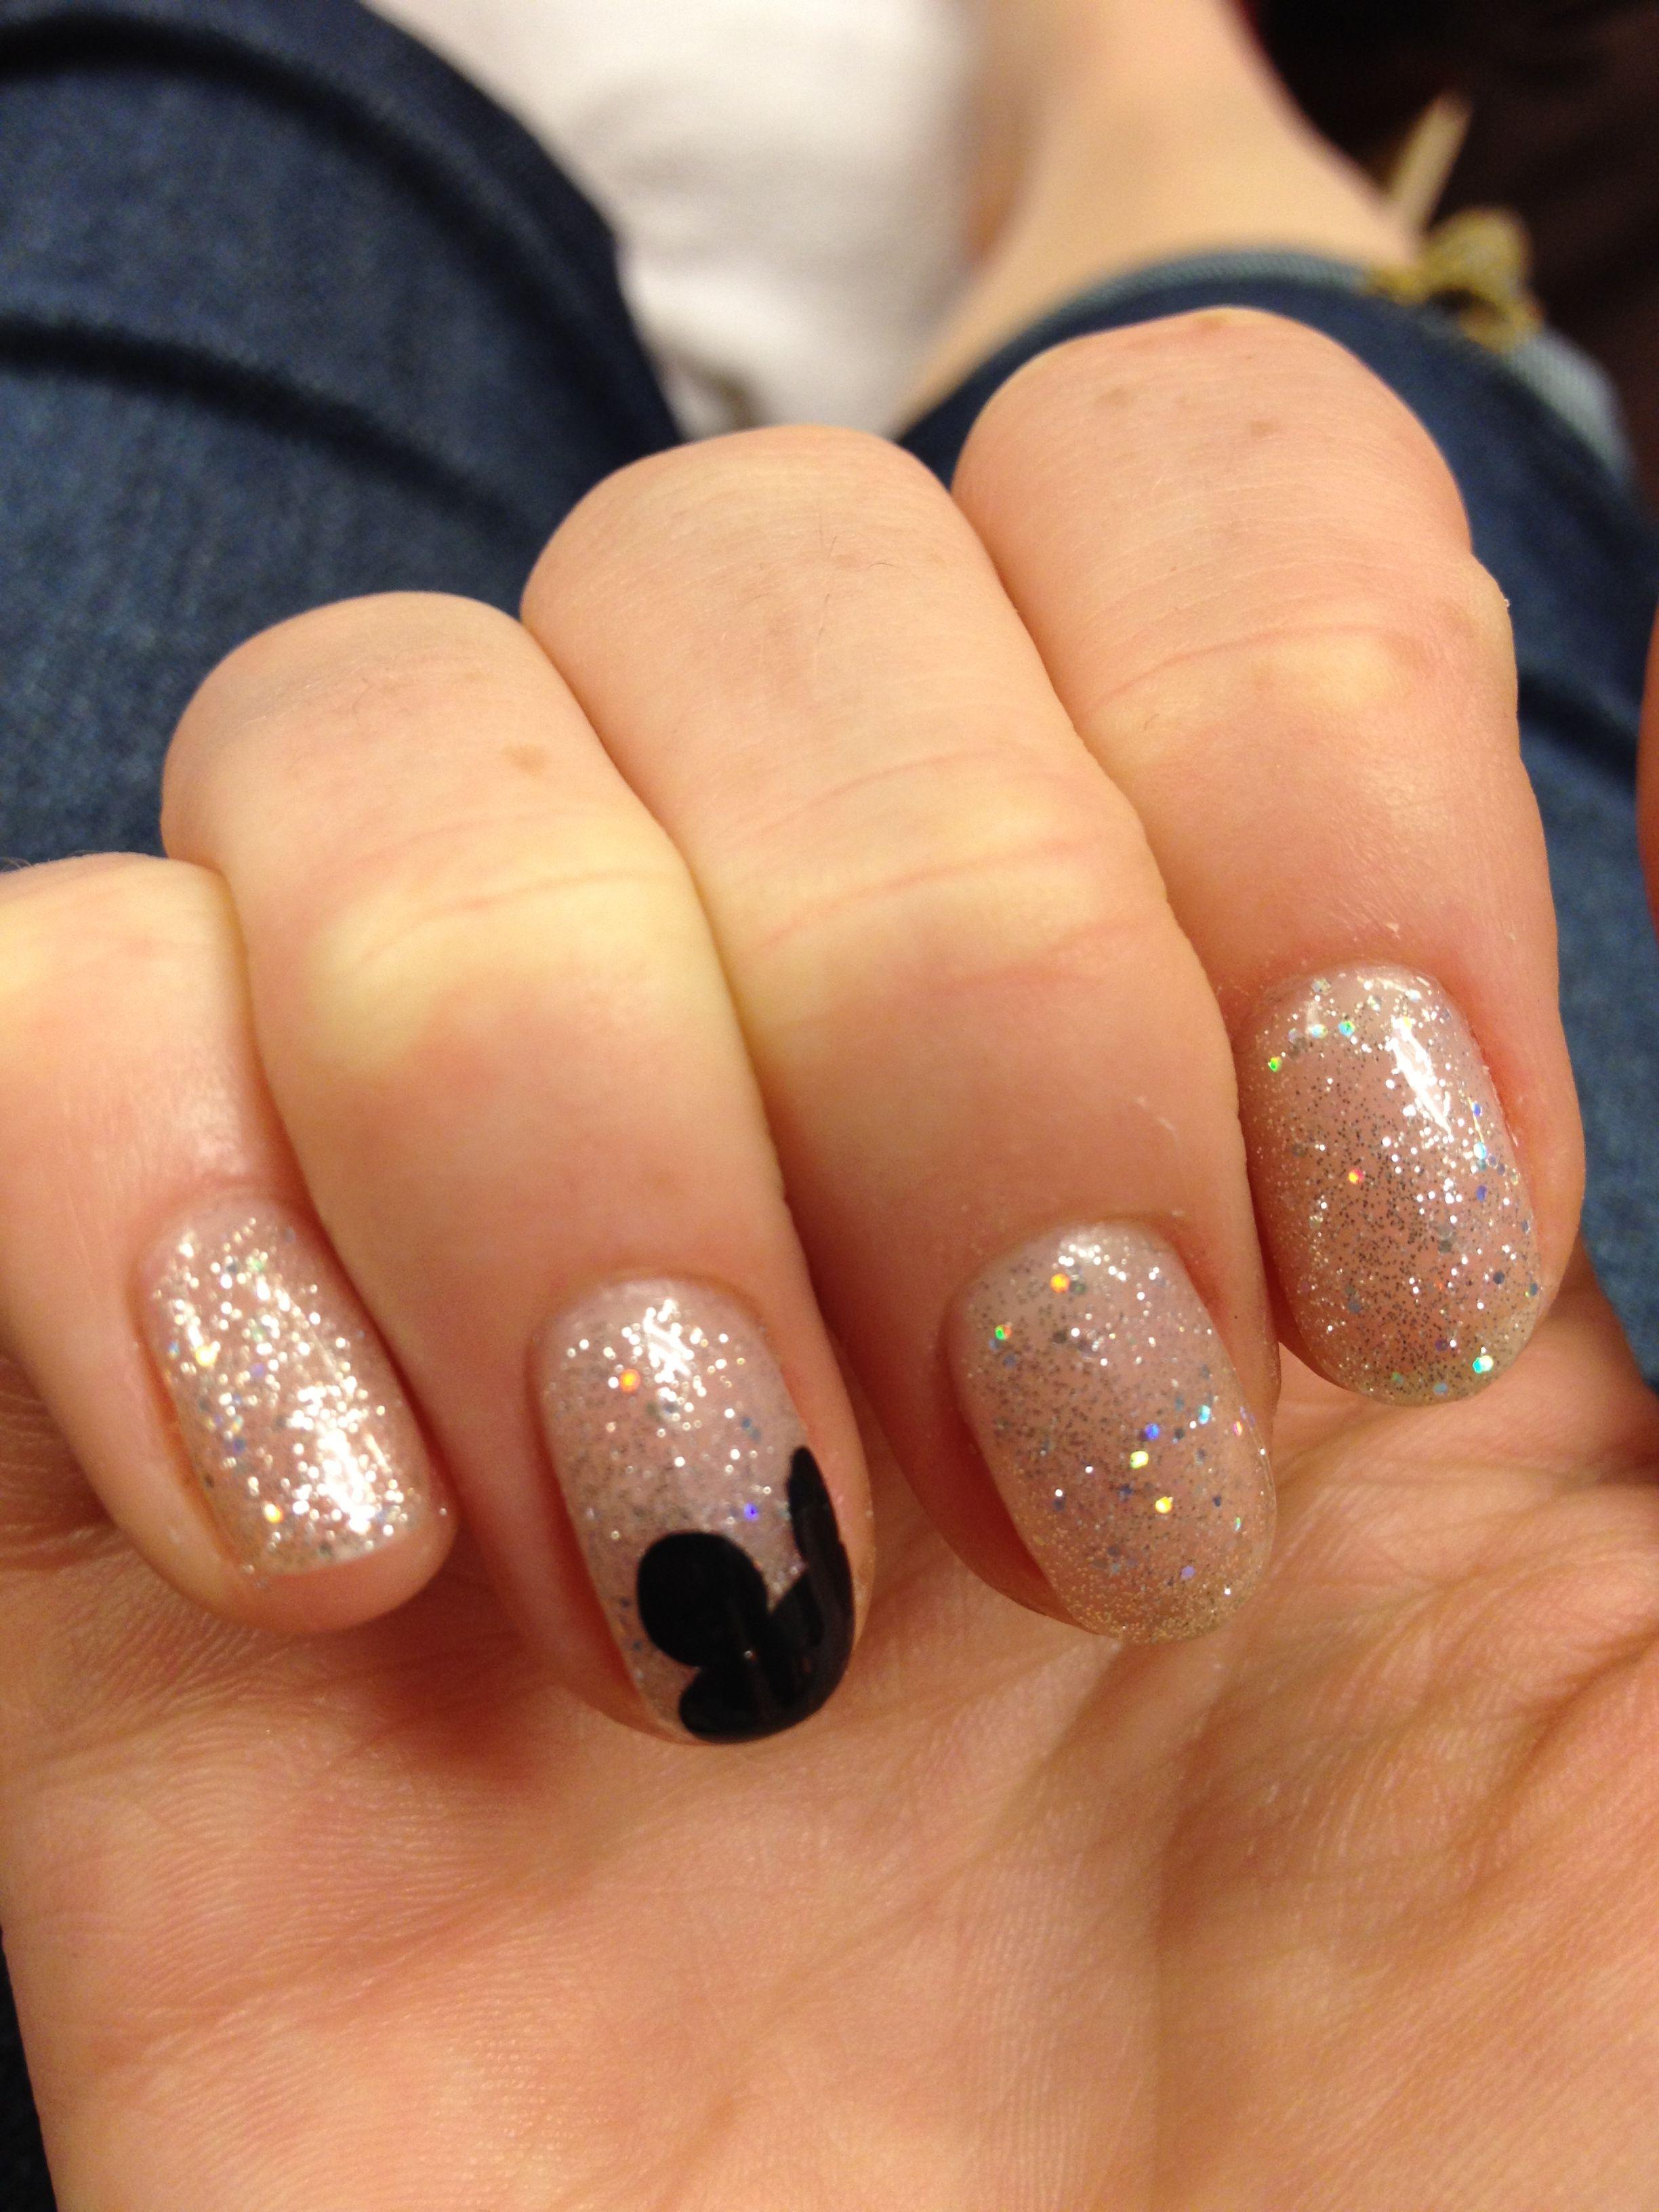 Disney nails | Mickey nails, Disney nails, Disneyland nails